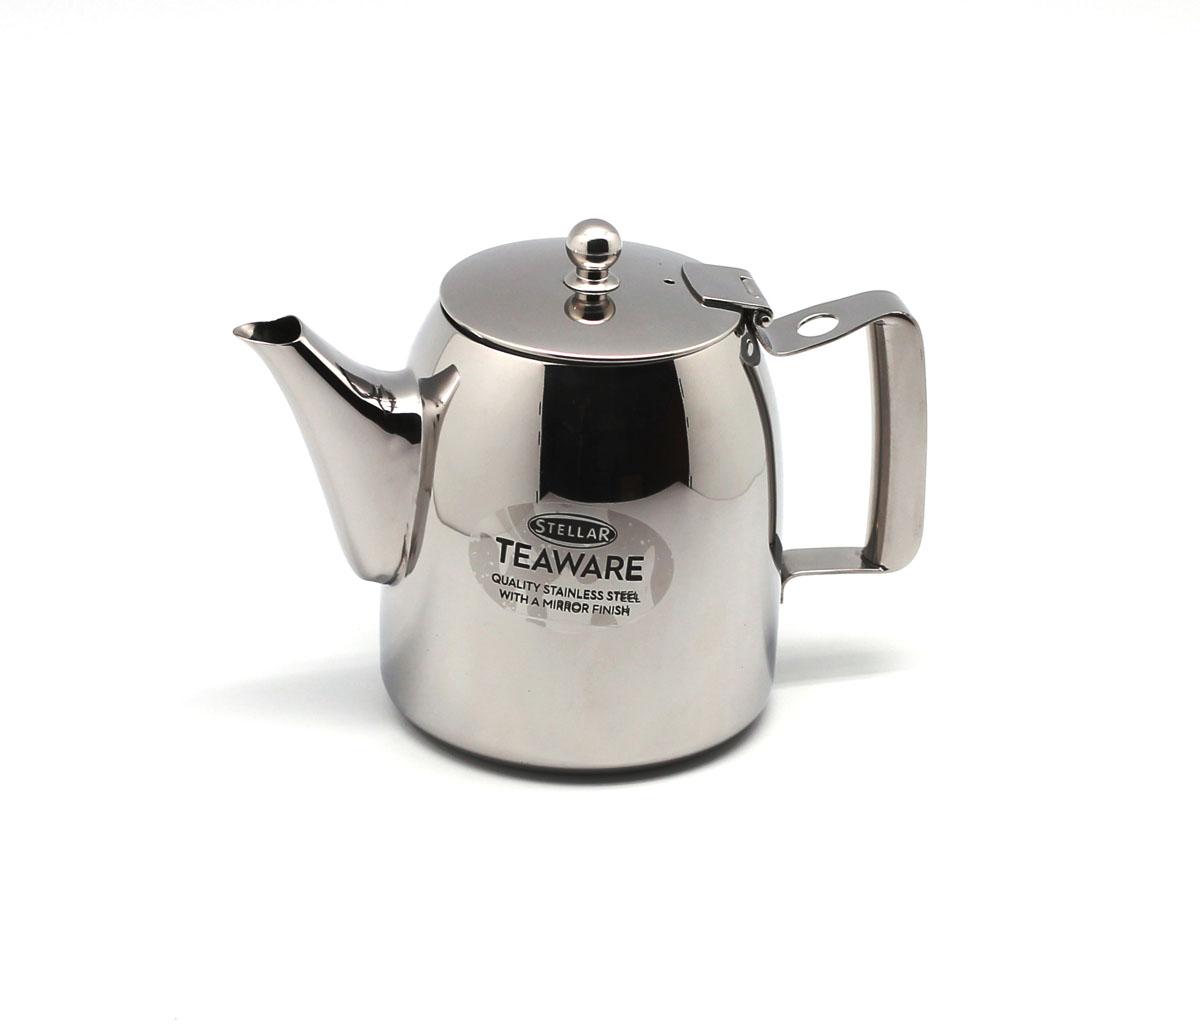 Чайник заварочный Silampos Stellar, цвет: металл, 1,08 л. 41281318ST0341281318ST03Заварочный чайник из серии Stellar от компании Silampos. Имеет объем 1,08 литра, выполнен в красивом полированном корпусе из из нержавеющей стали 18/10. Крышка плотно прилегает к чайнику, позволяя соблюсти идеальные условия для правильного заваривания чая. Подходит для мытья в посудомоечной машине.